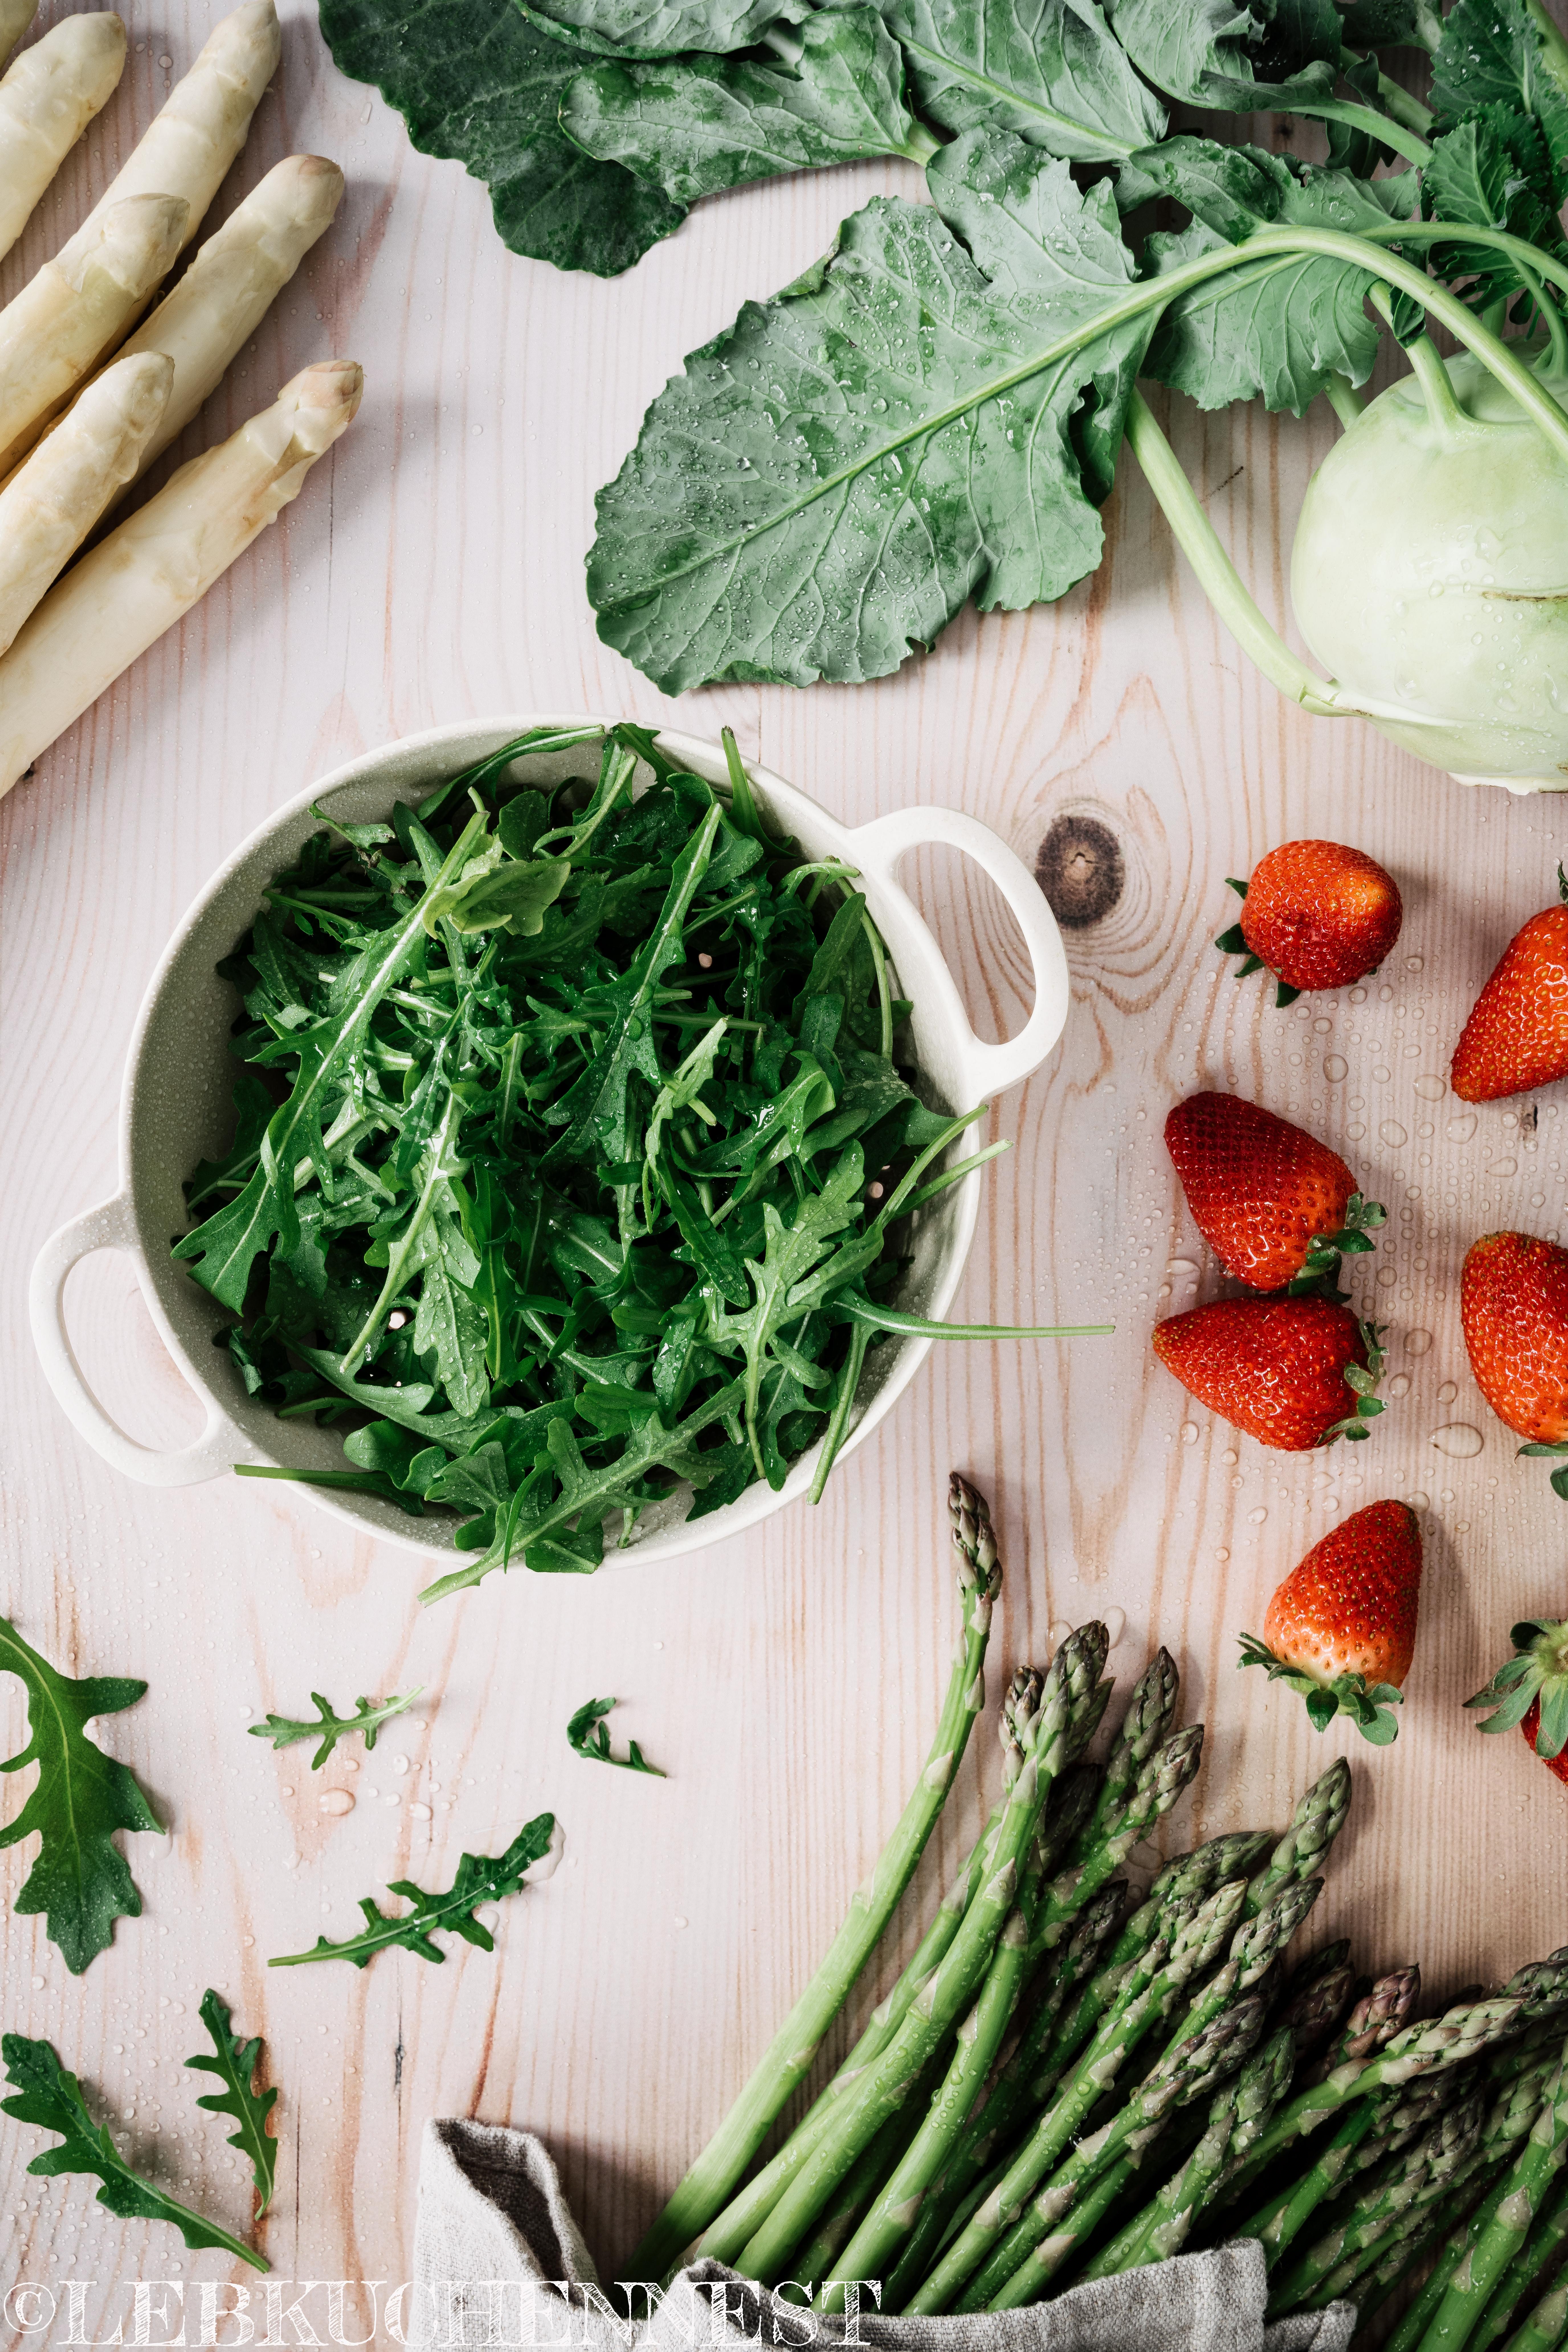 Einkaufsliste: Spargel, Kohlrabi, Erdbeeren